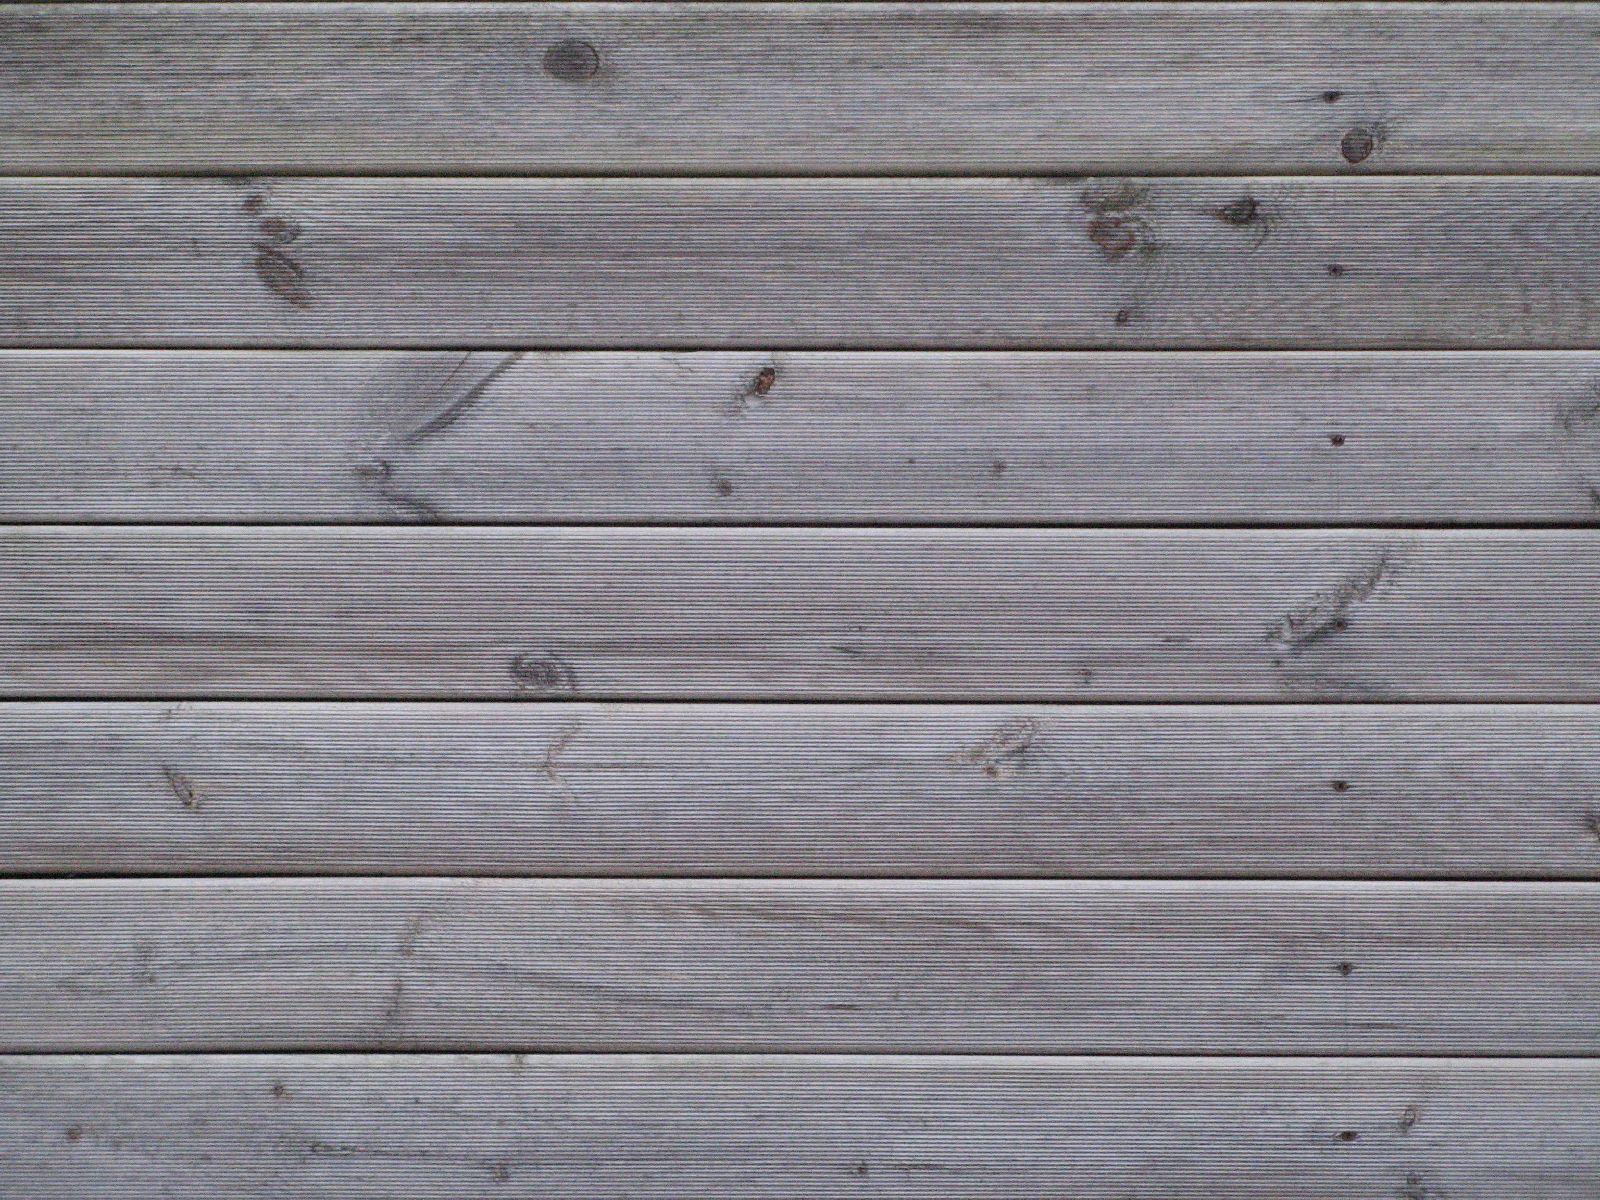 Holz_Texturs_B_5657